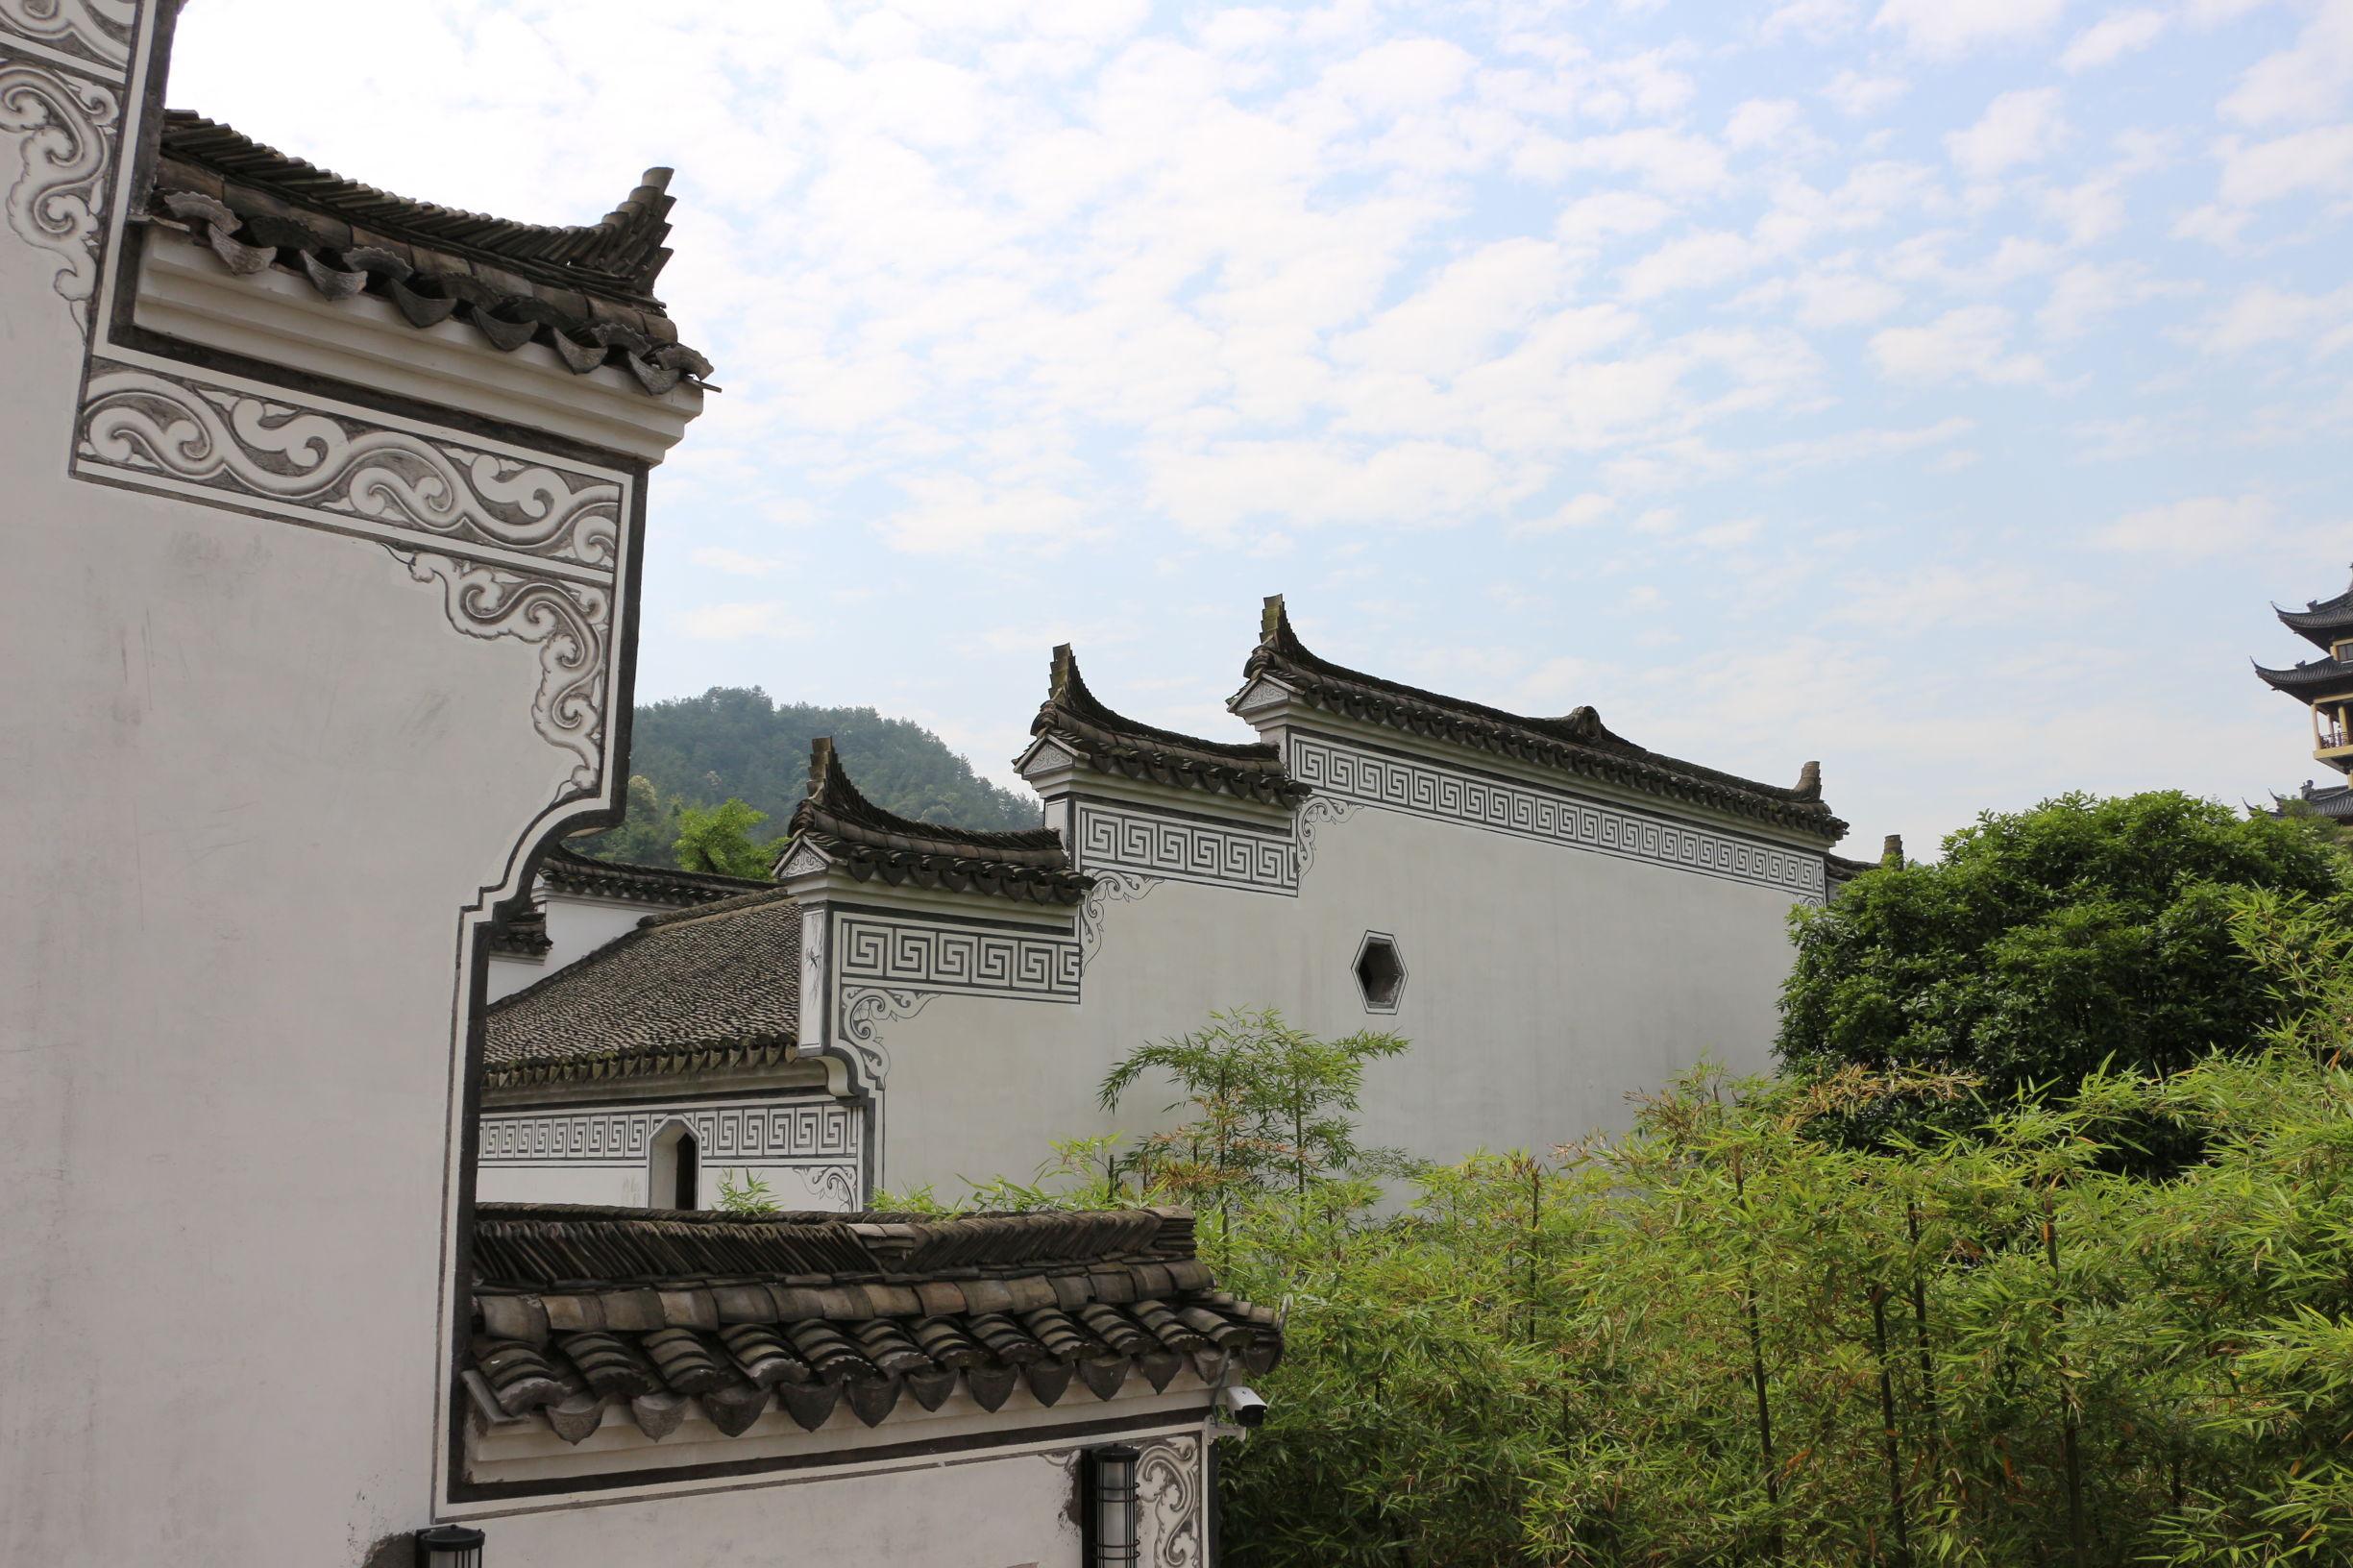 璟园古民居博物馆的民居古建筑,堪称建筑艺术的杰作,在江南古代传统